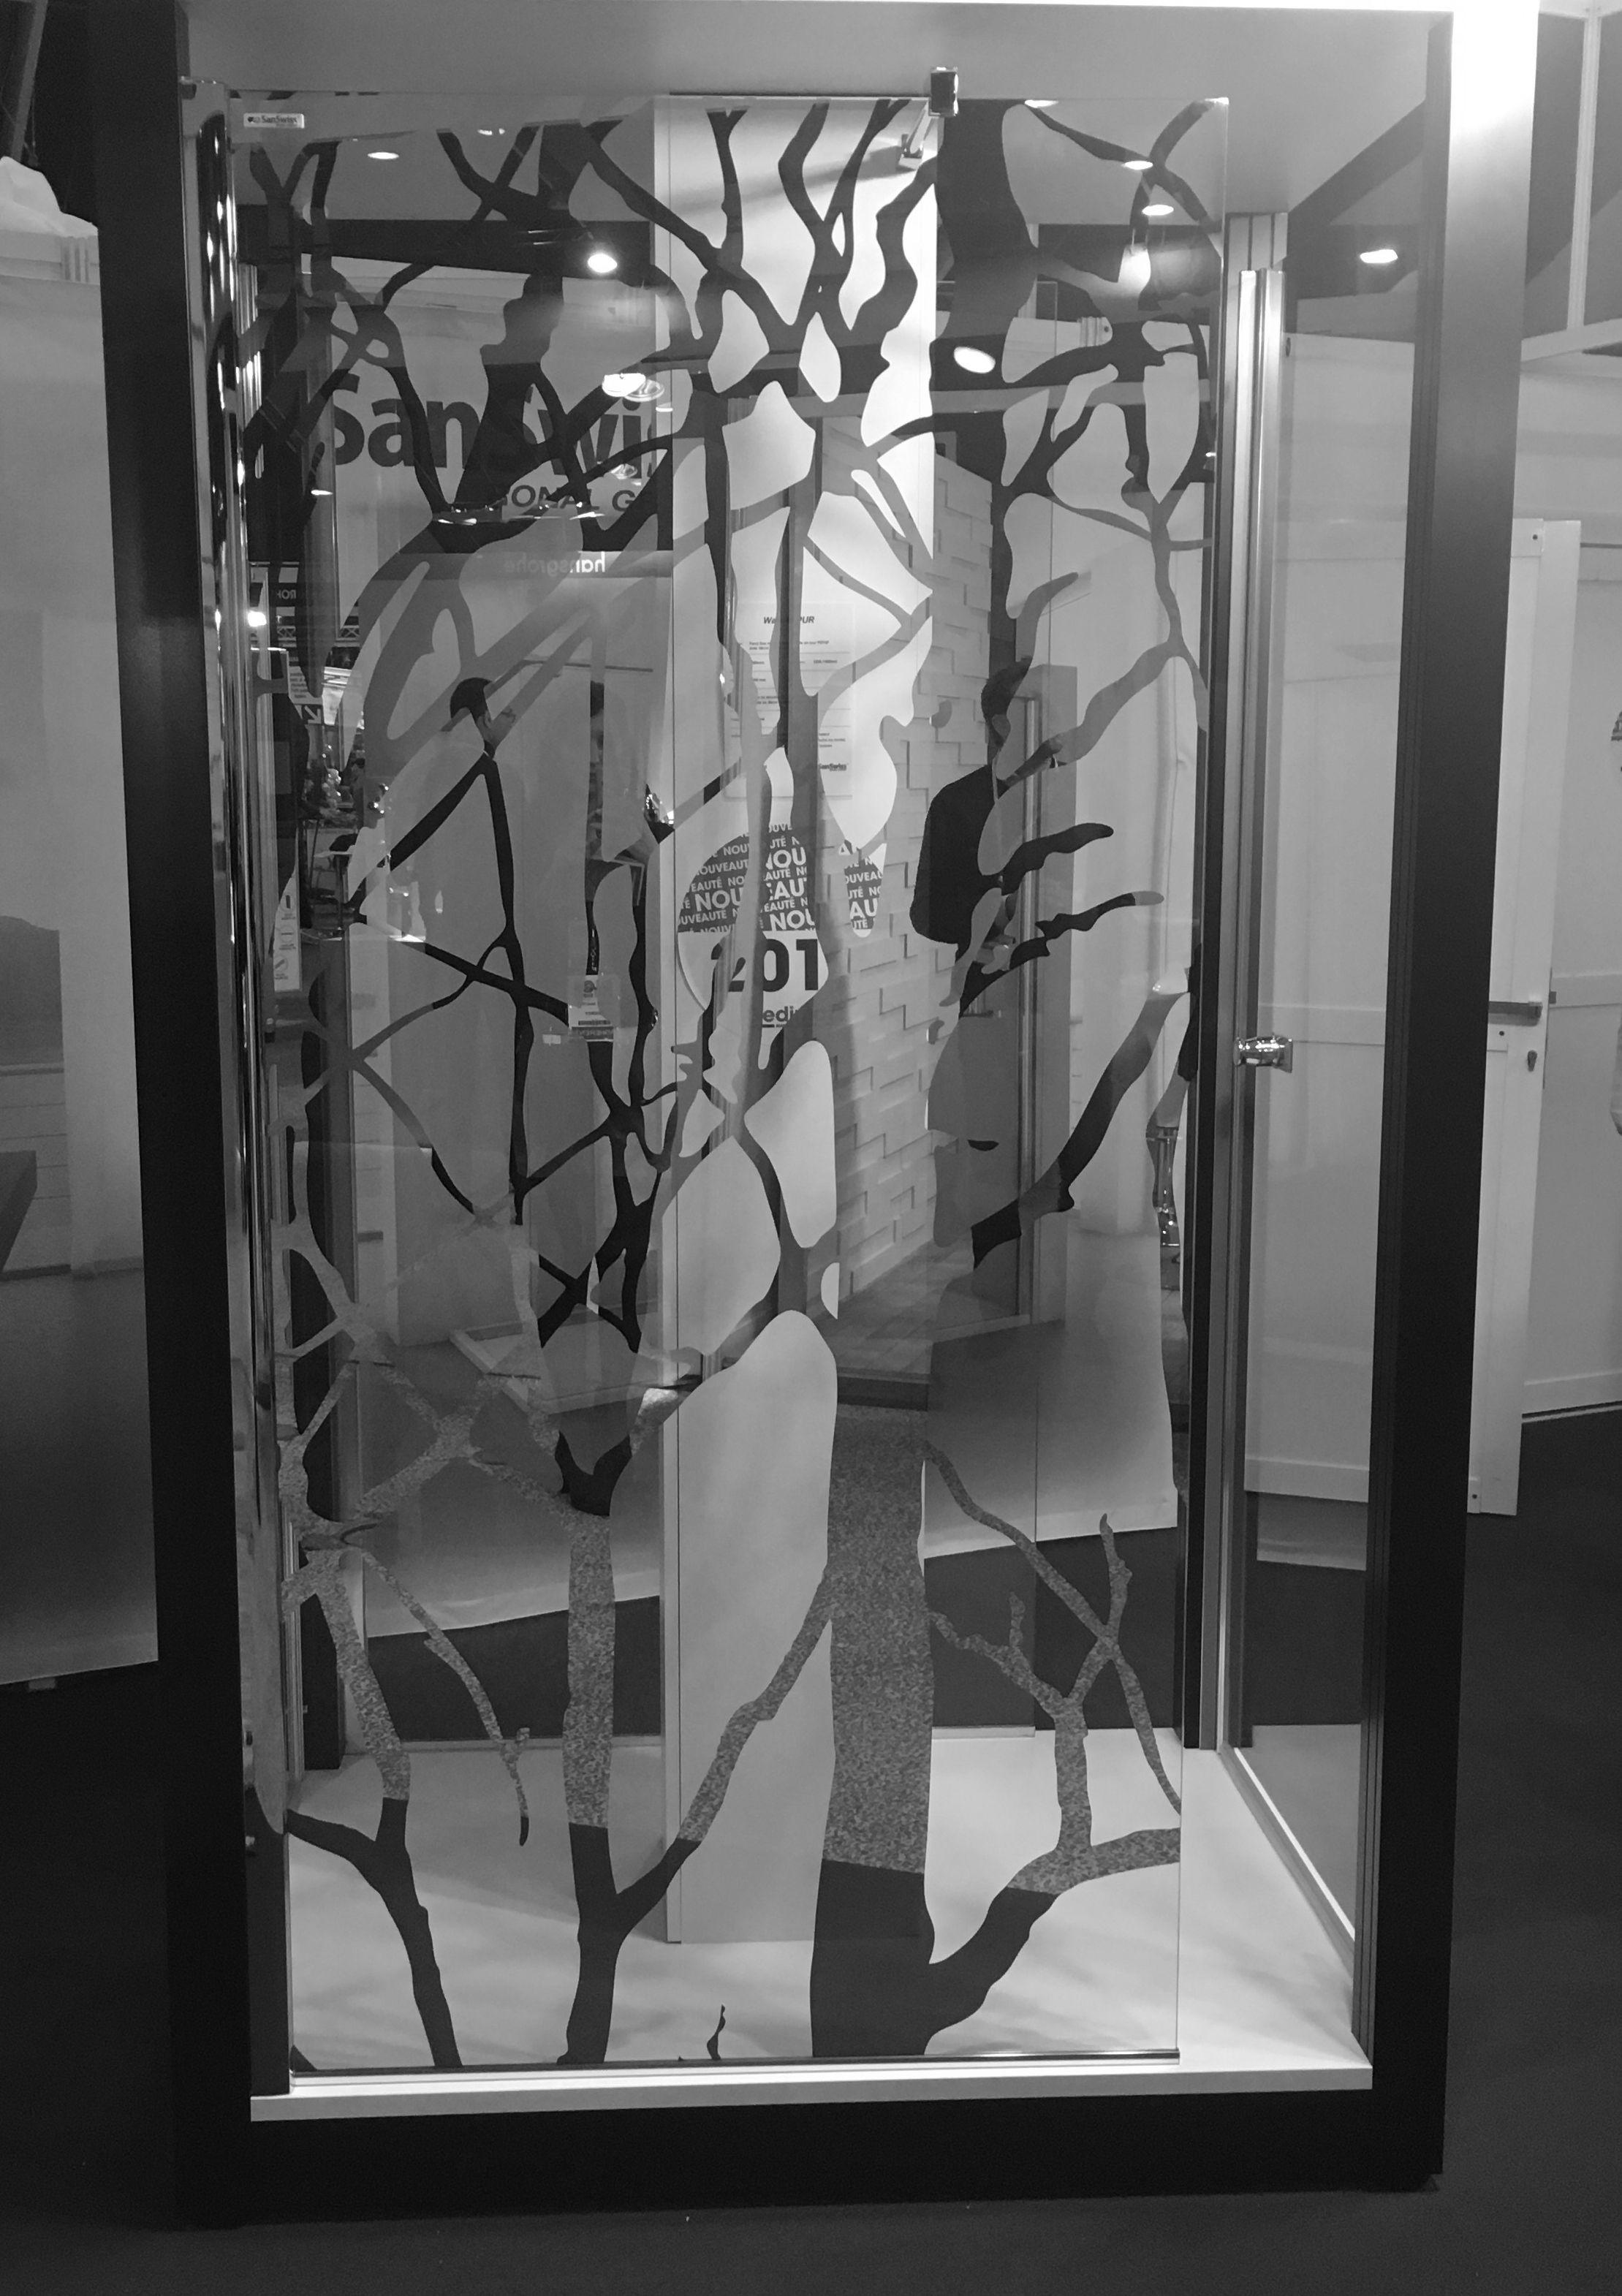 Receveur de douche gedimat best les cabines nonhydros les cabines de douche with receveur de - Cabine de douche gedimat ...